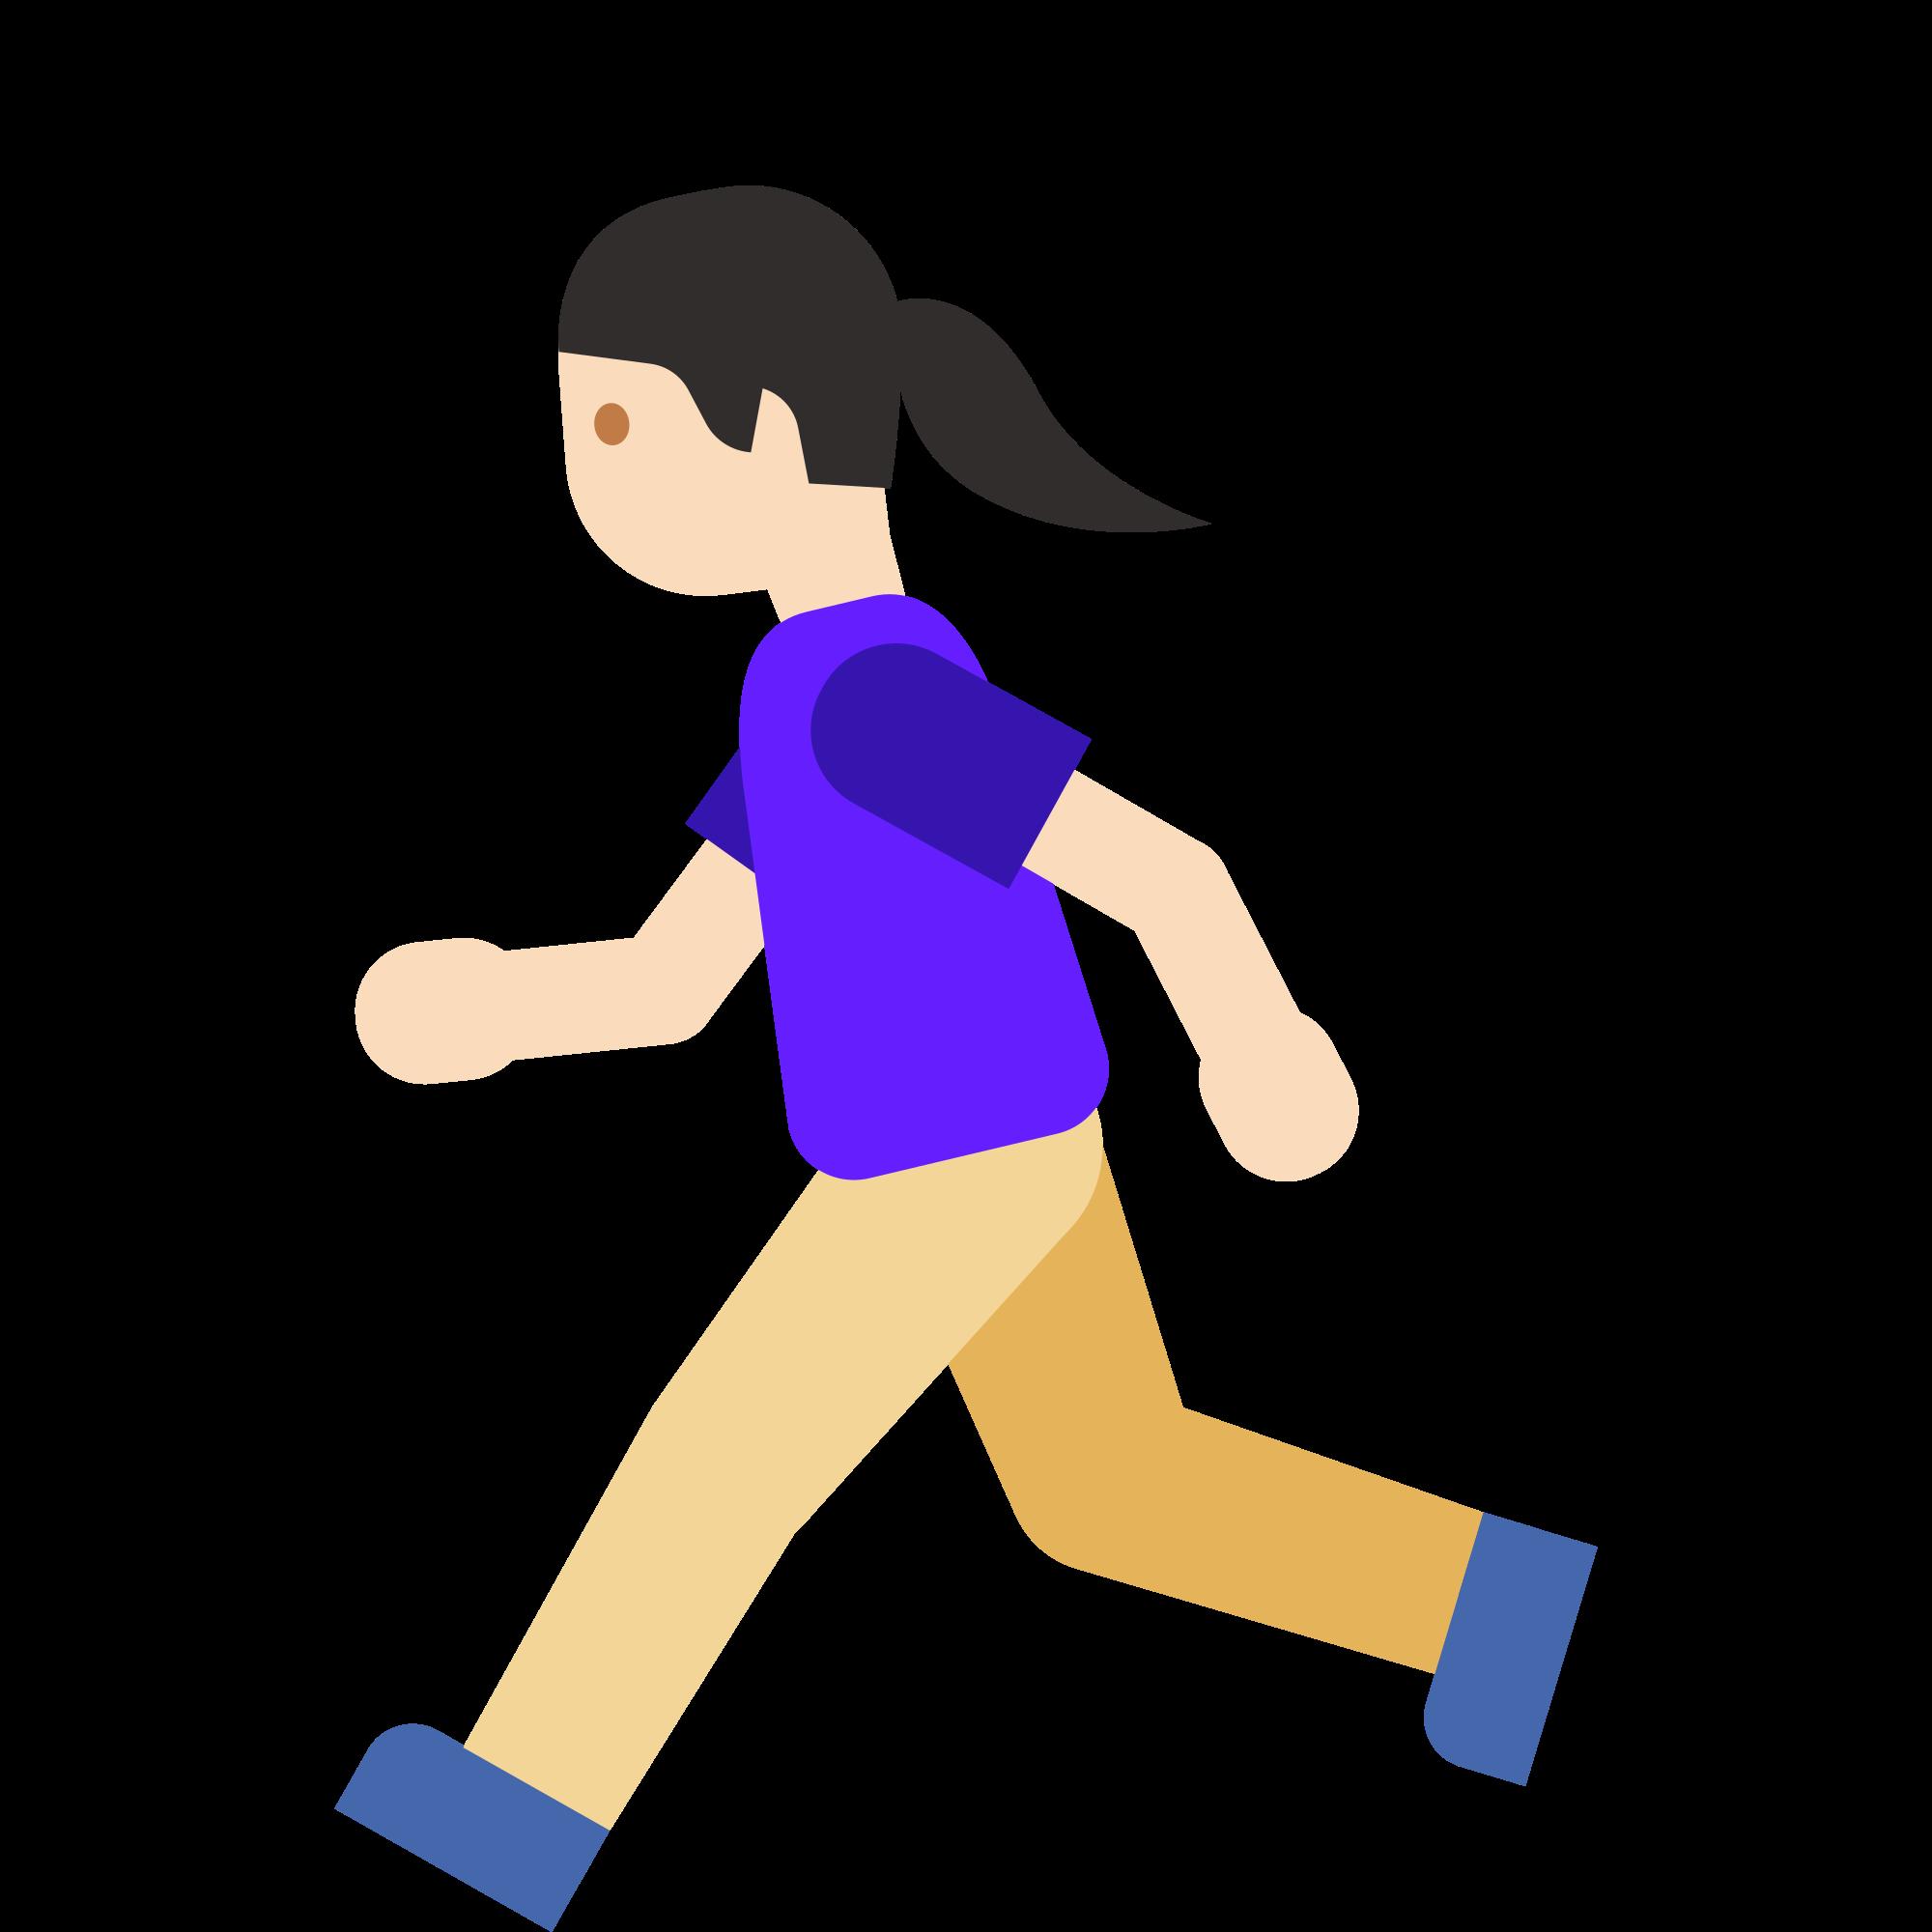 Emoji clipart exercise. File u f c